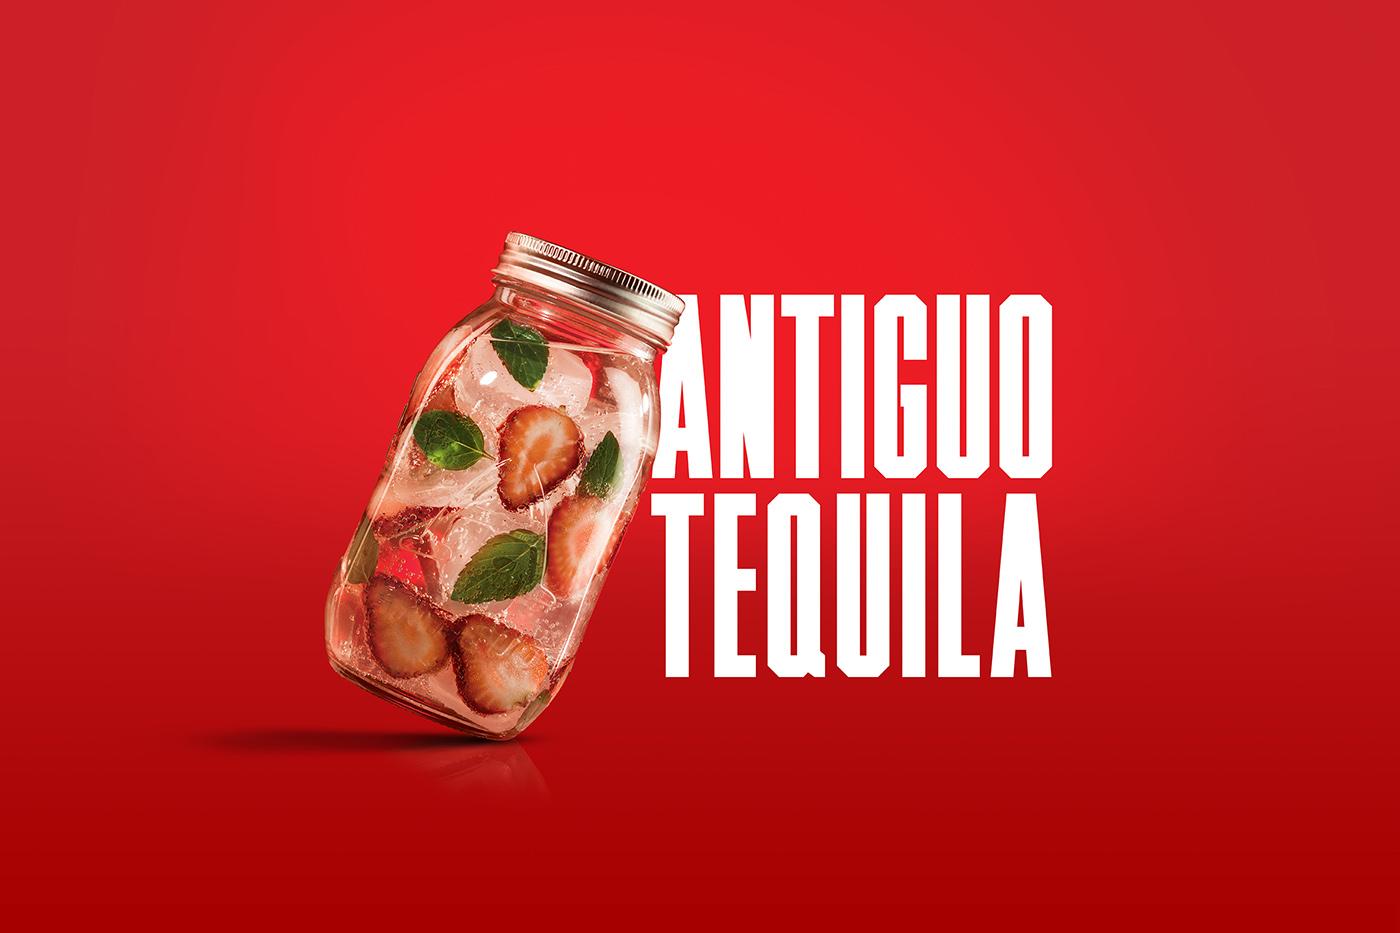 antiguo herradura memela Guadalajara monterrey CDMX ribbon Tequila jar premiumness